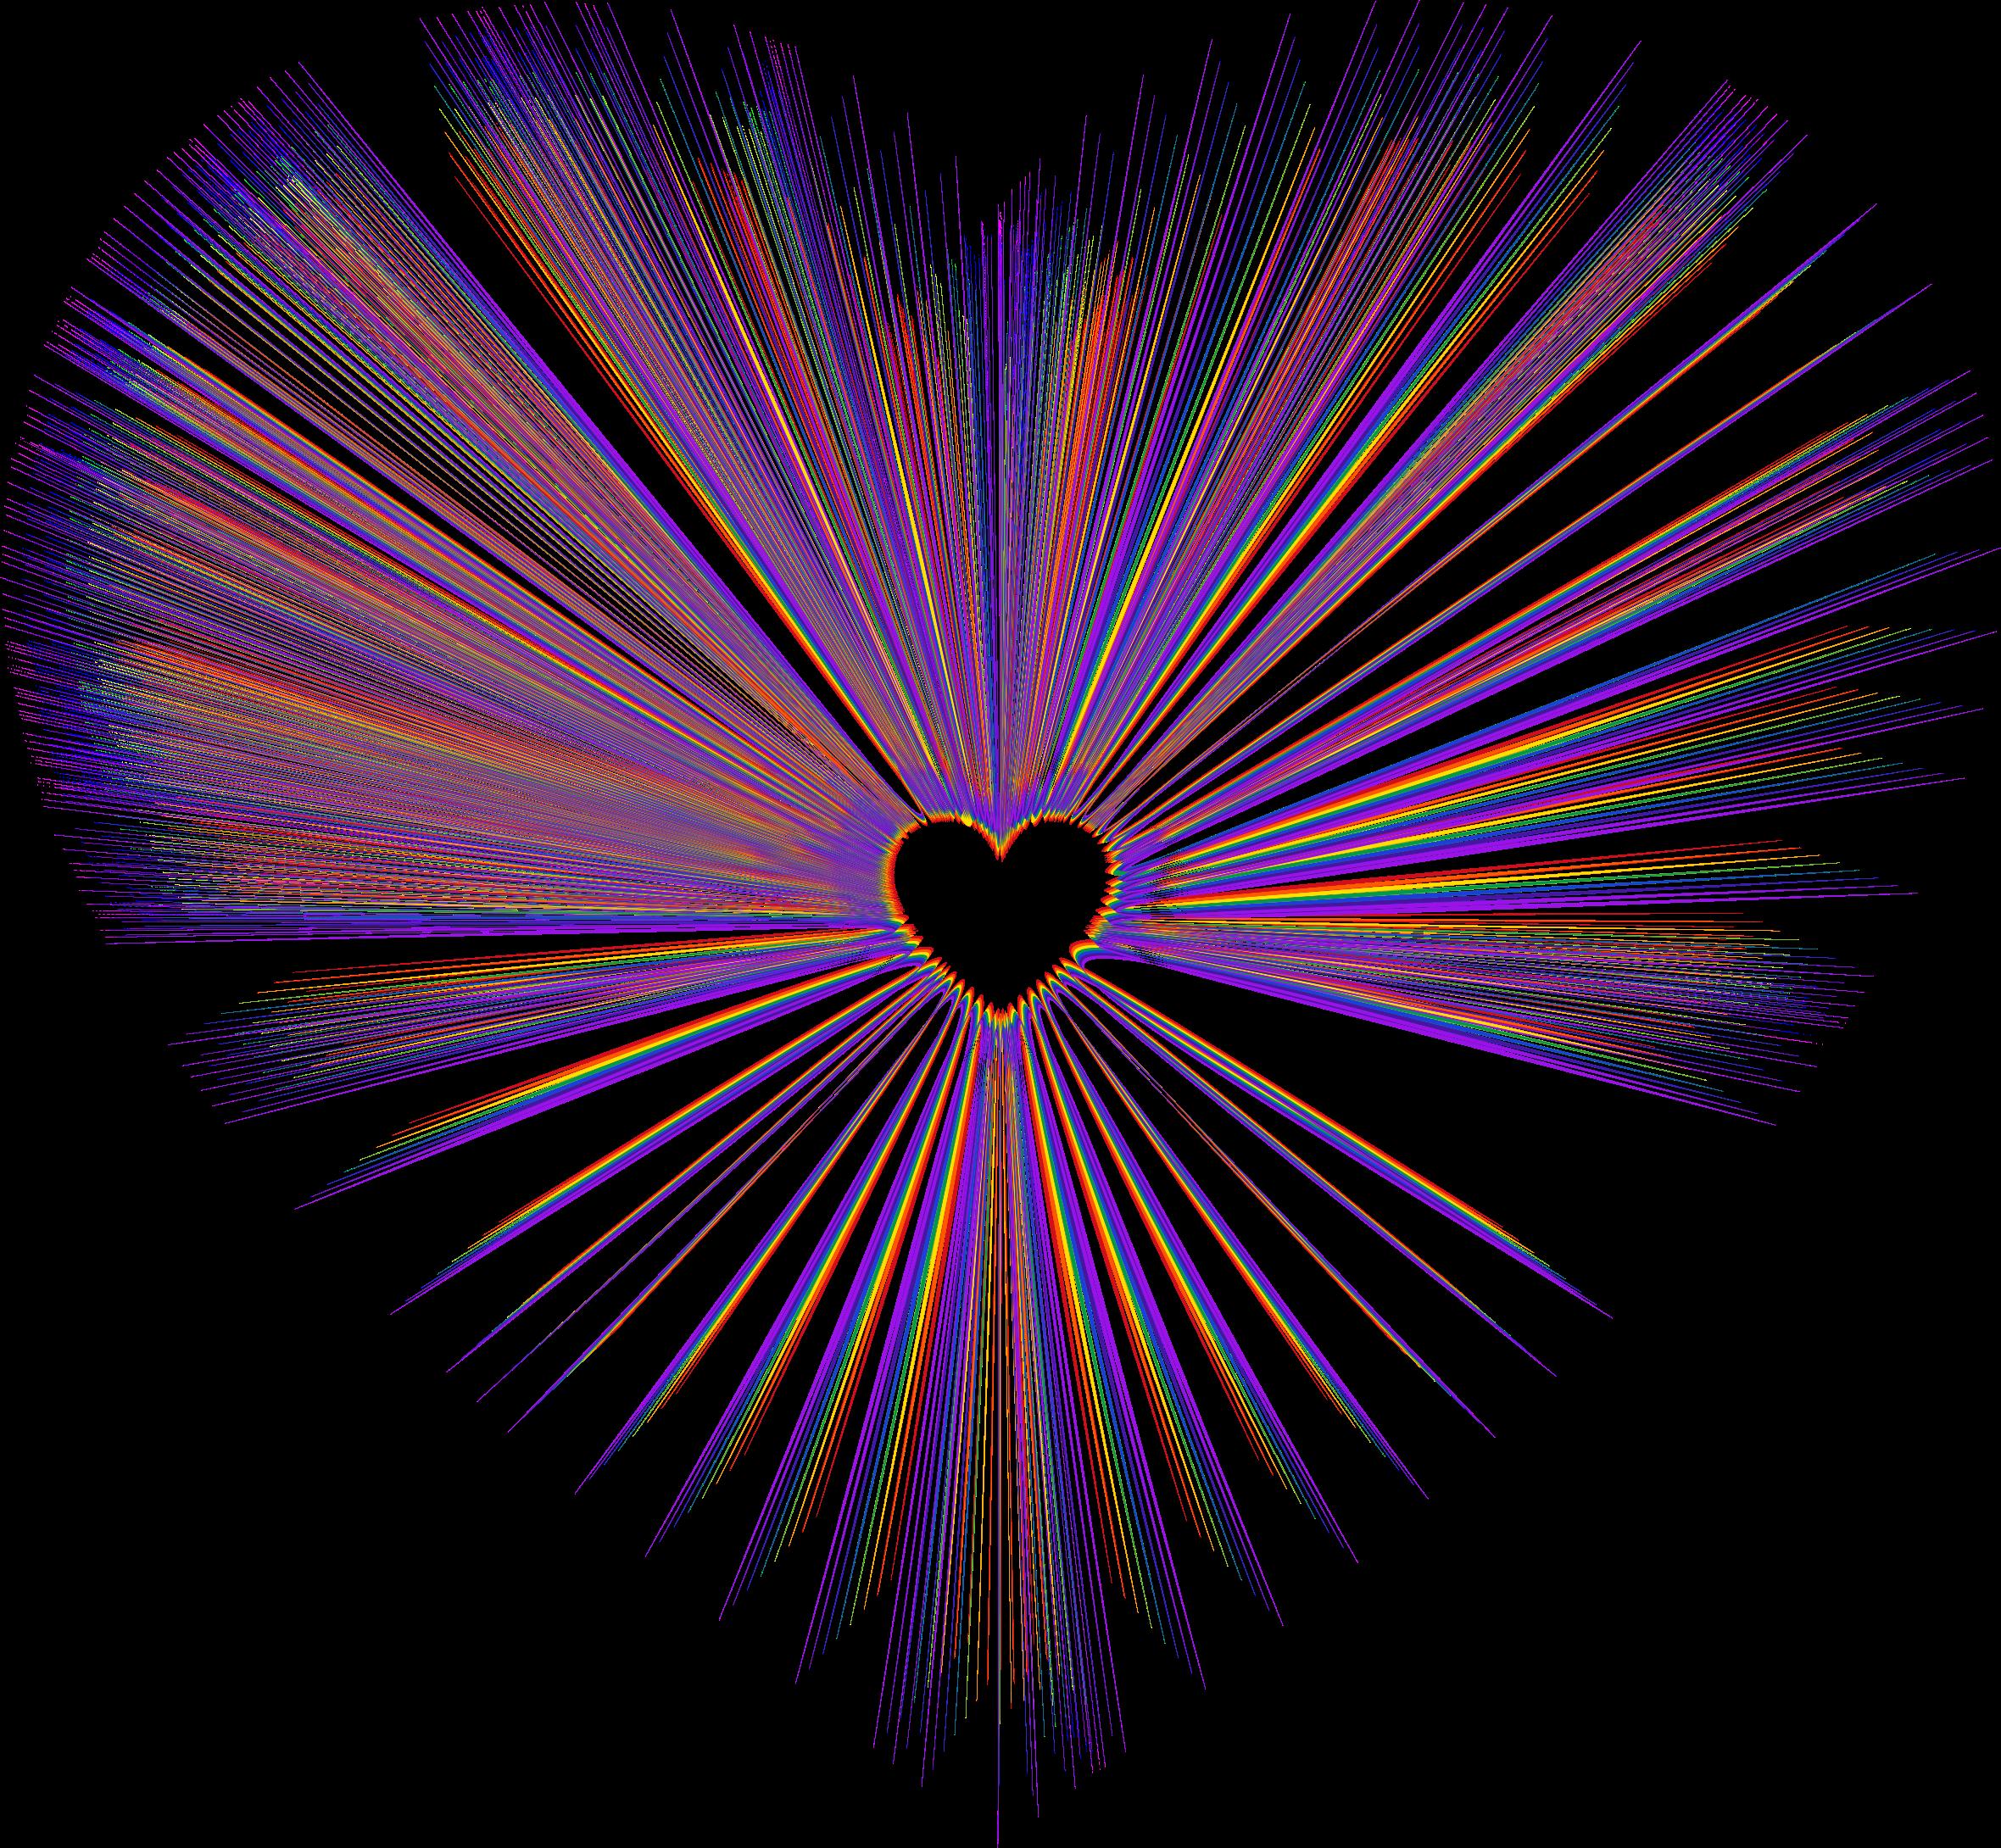 Heart burst clipart stock Clipart - Heart Burst stock